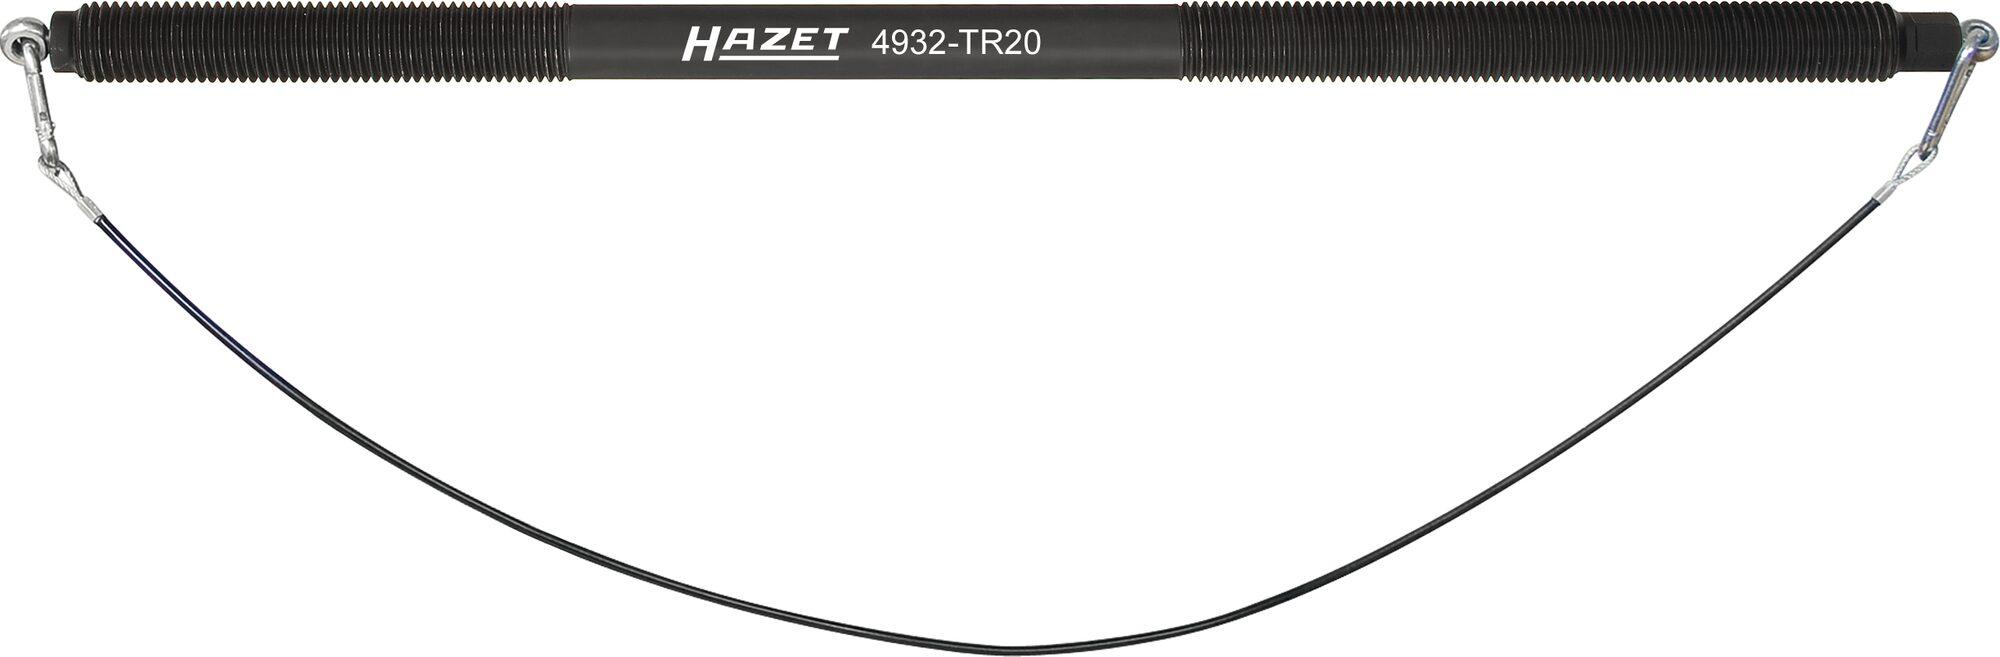 HAZET Gewindespindel 4932-TR20